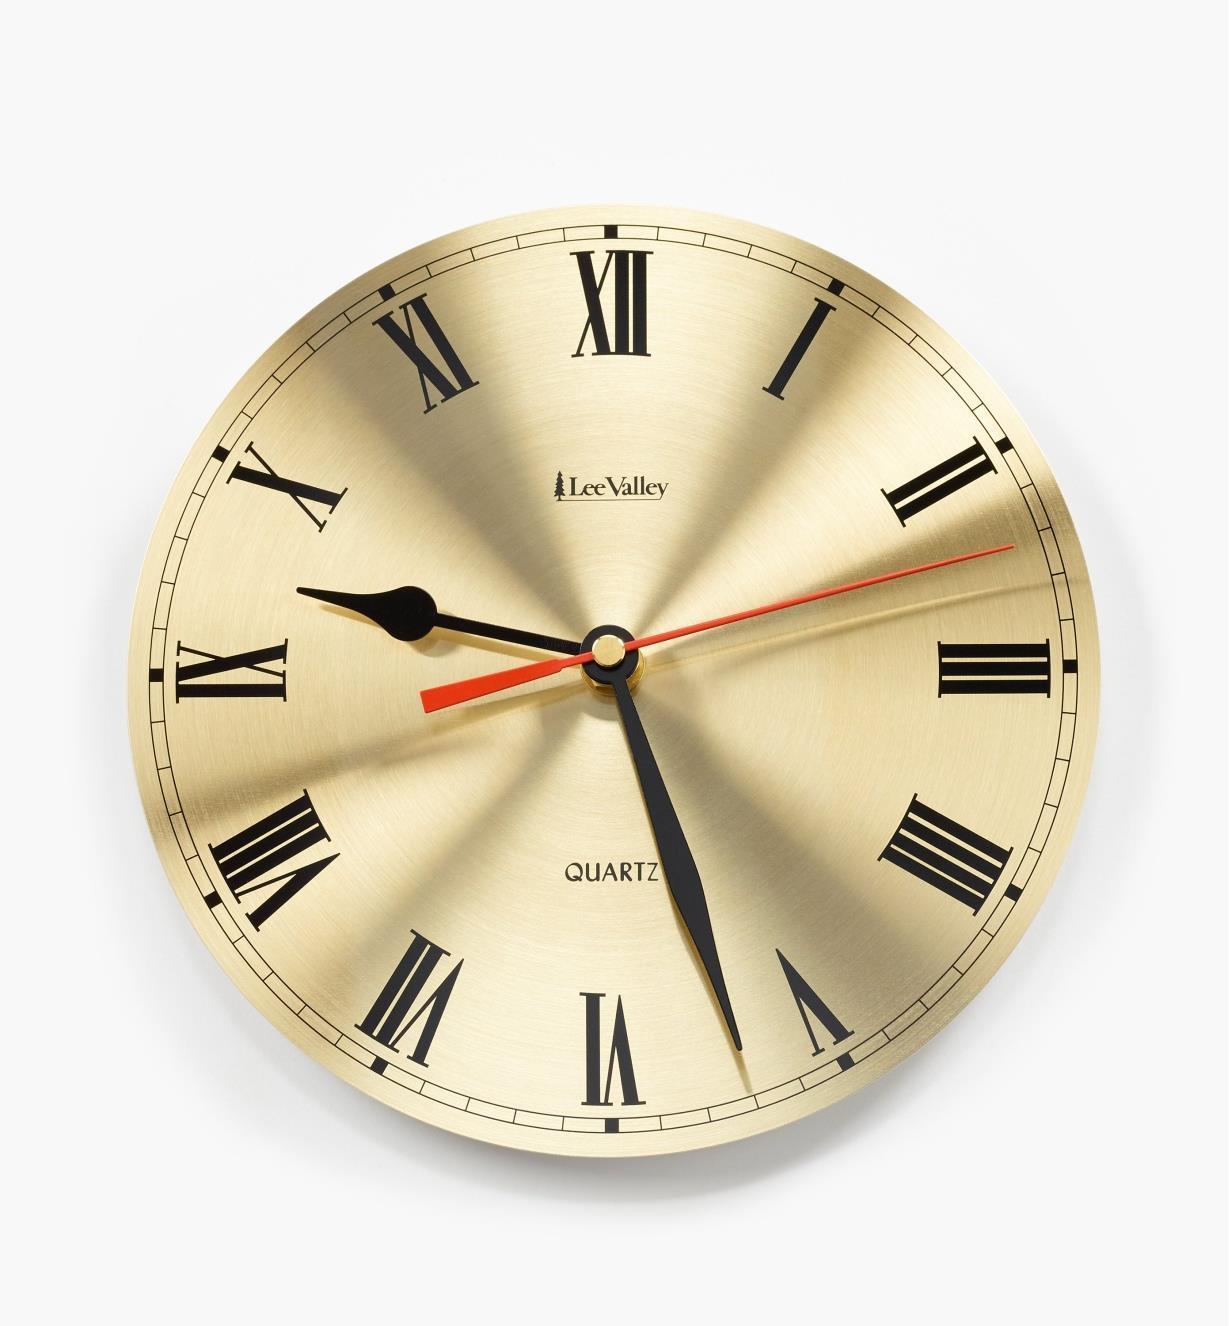 93K5002 - Cadran et composants pour horloge à arbre de 1/4po, chiffres romains